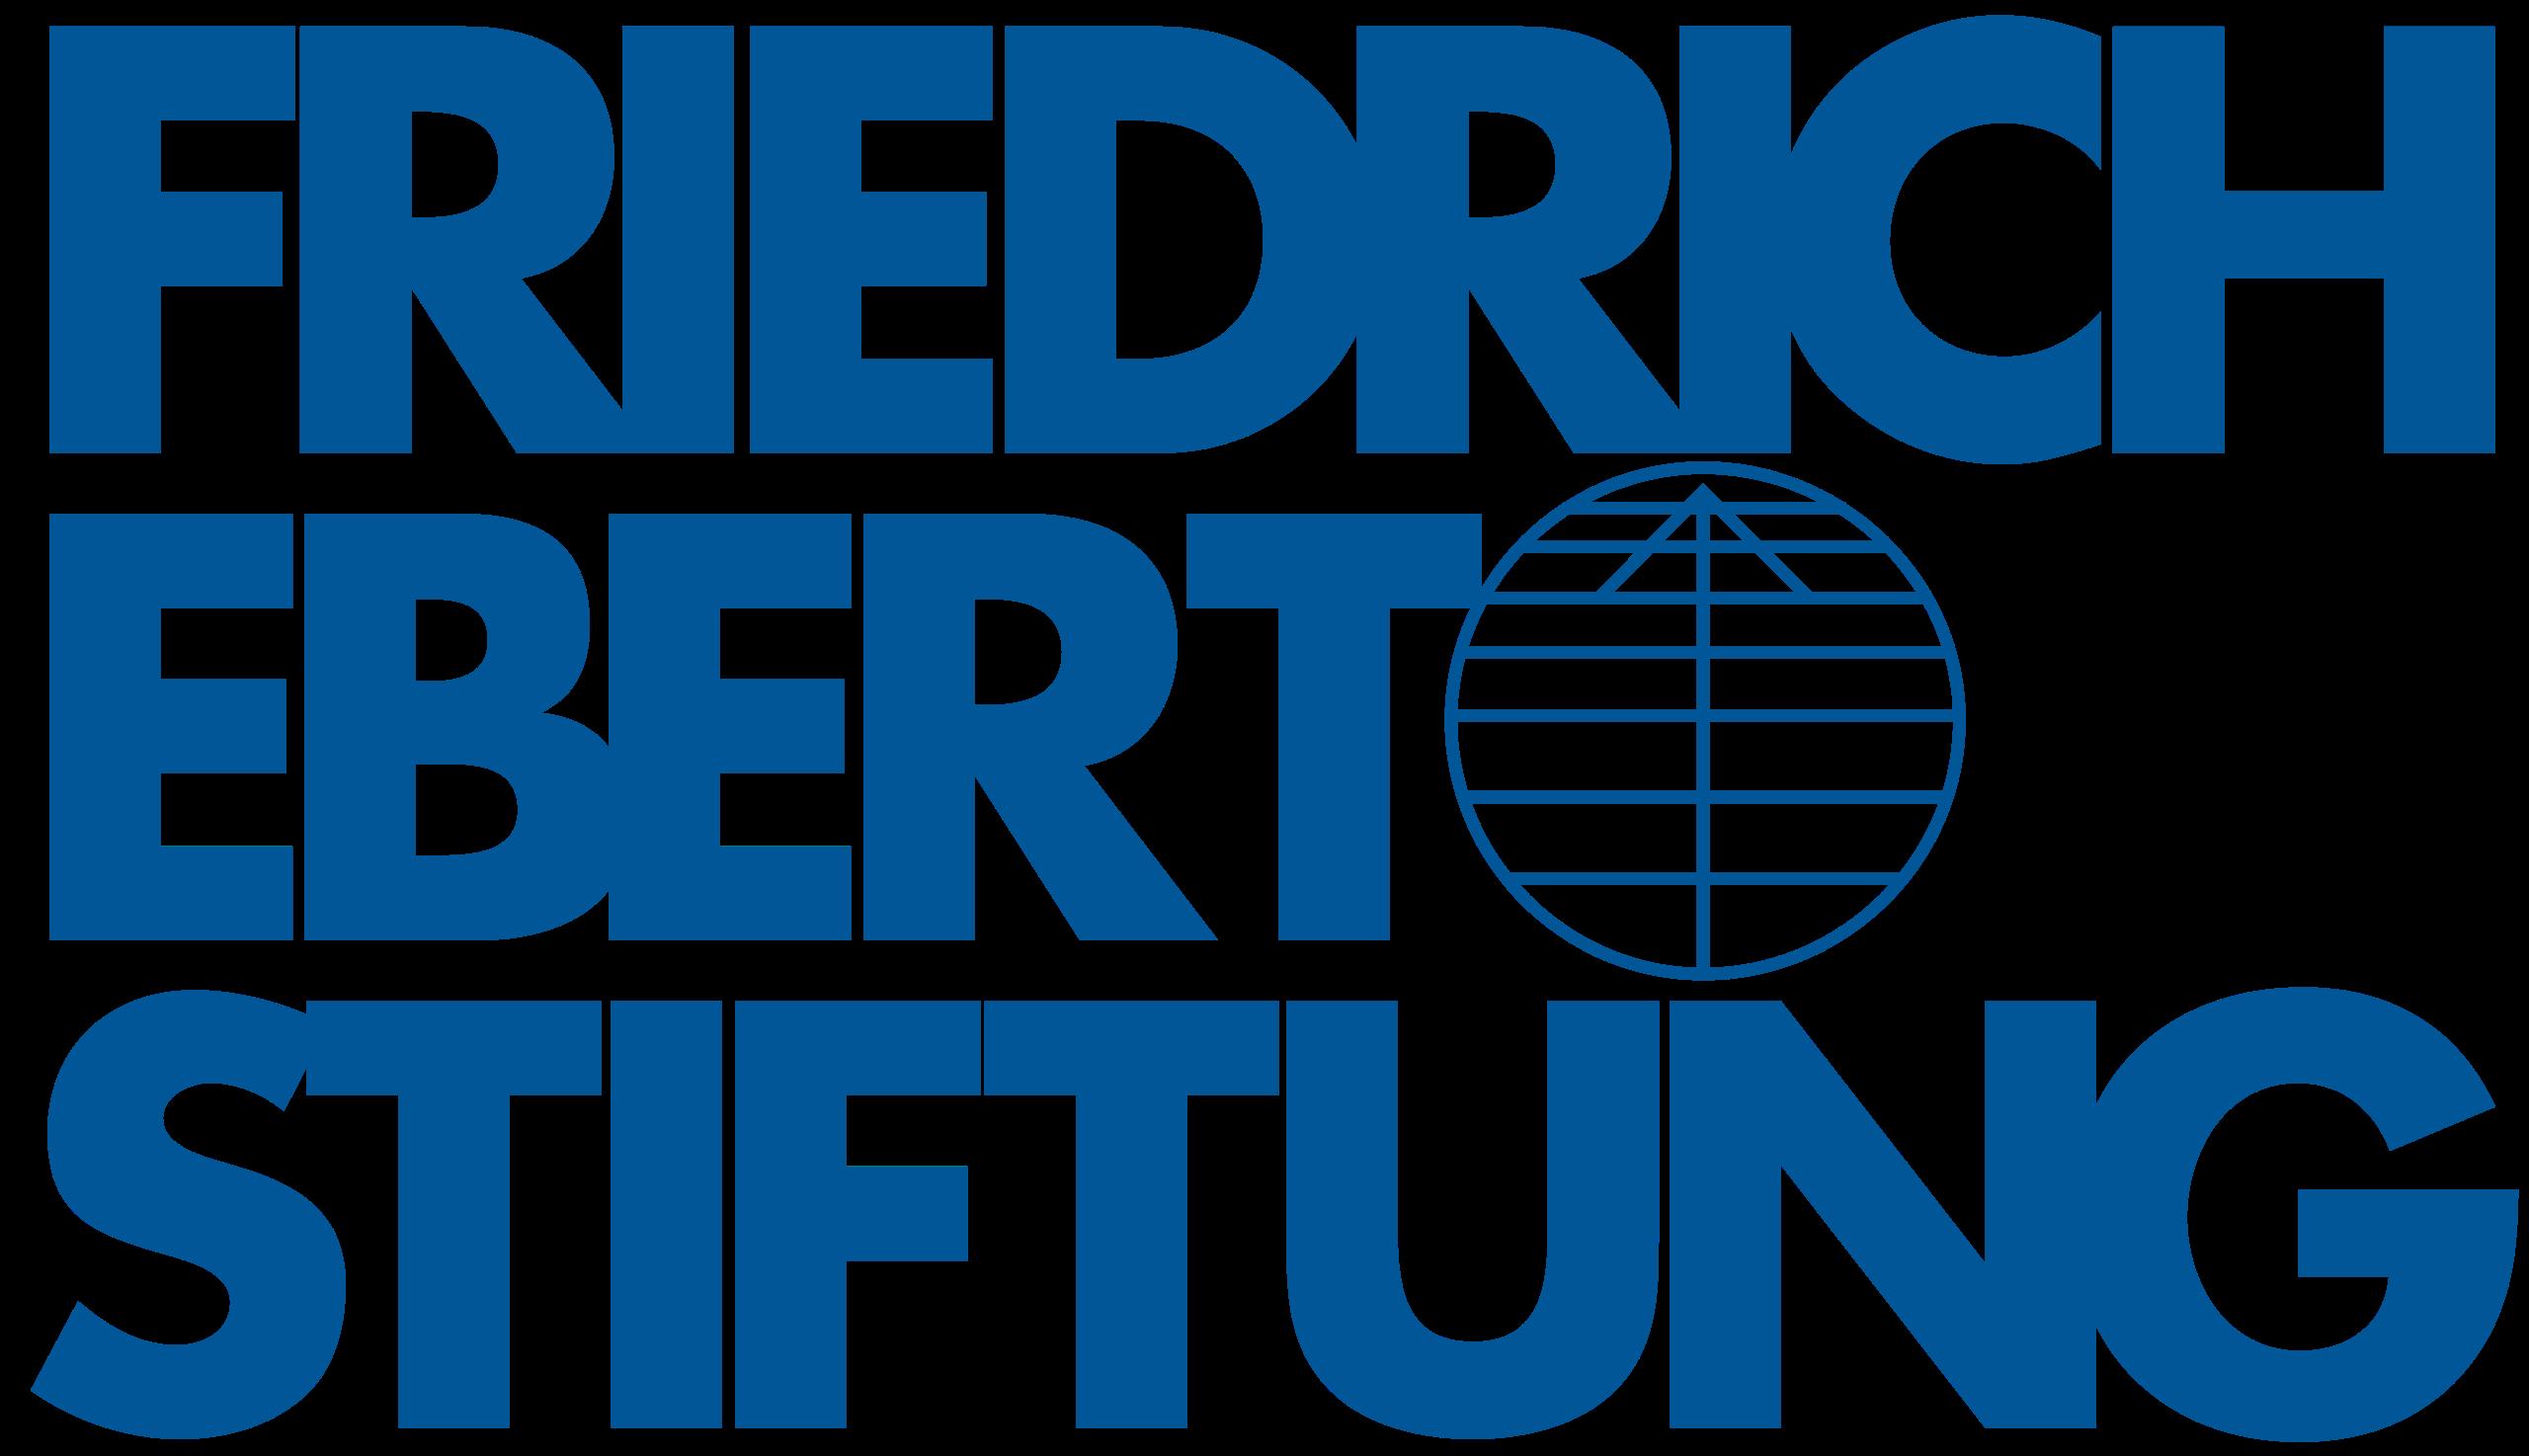 Friedrich Ebert Stiftung Logo